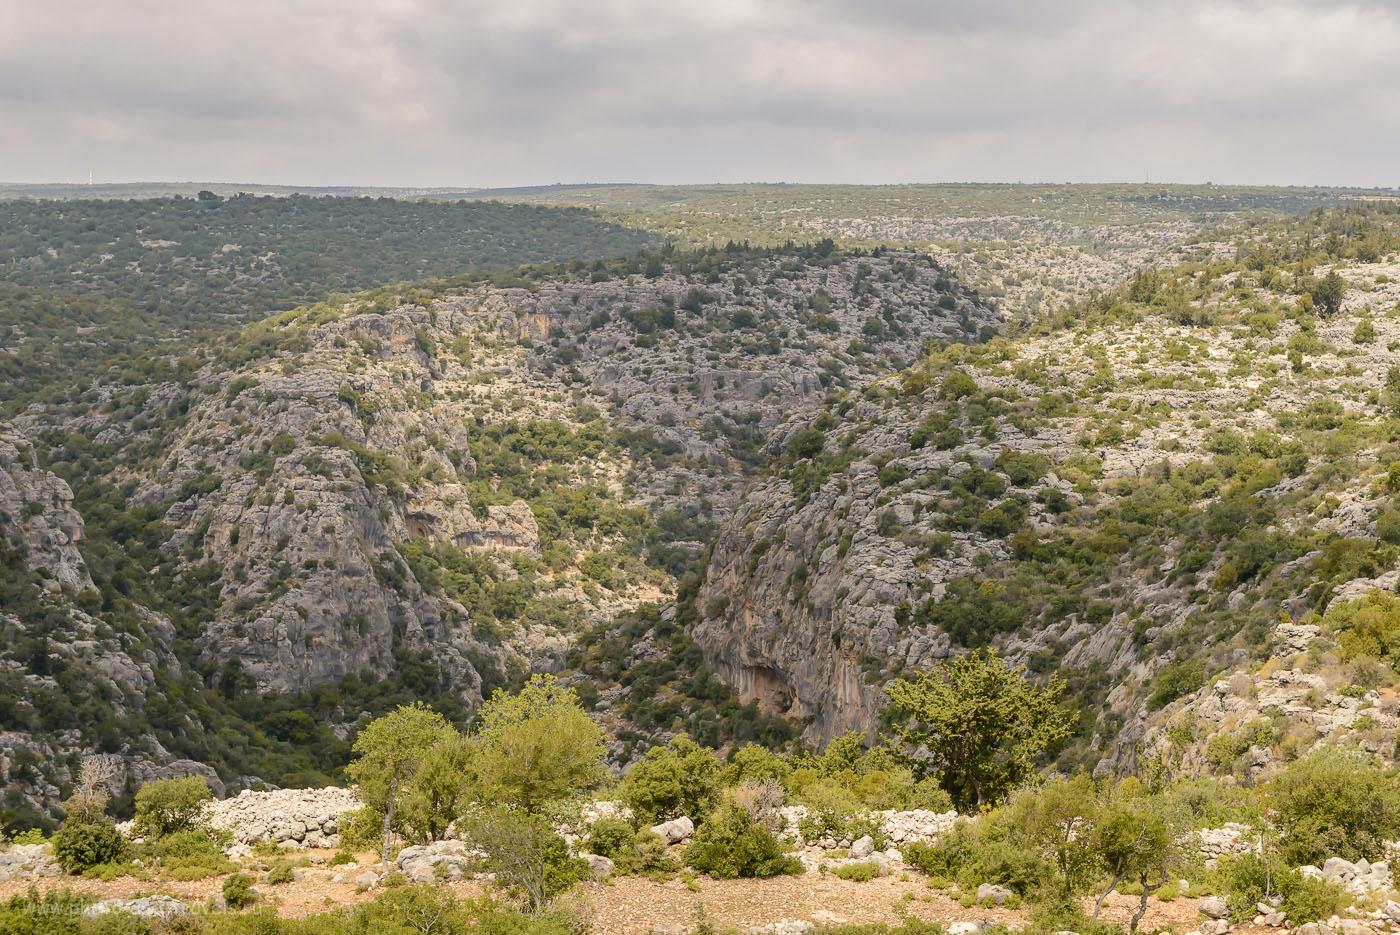 Фотография 22. Каньон Karyağdı Deresi в окрестностях города Кызкалеси в Турции. 1/800, 8.0, 800, 55.